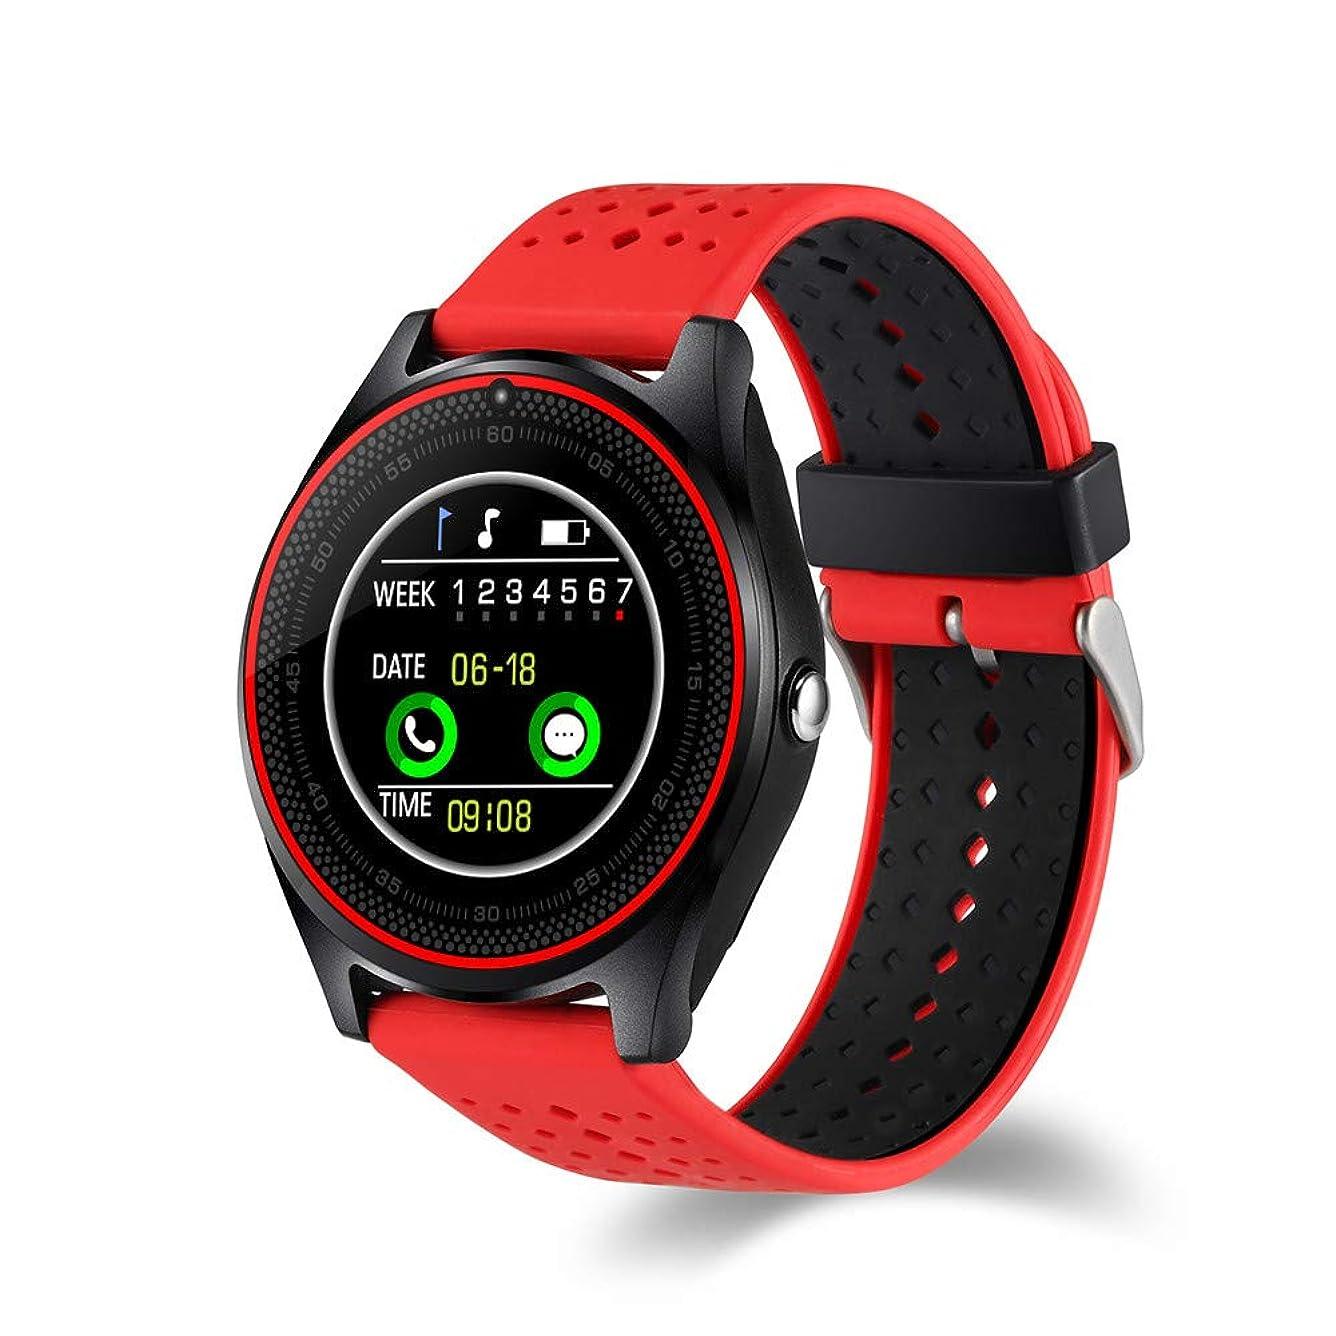 やがて省略悪質なスマート腕時計 カメラ付き 写真を撮る 計数器 タイマー機能 睡眠検測 長い待機 学生 サラリーマン 通学 通勤 こどもの日 プレゼント SIMPLE DO